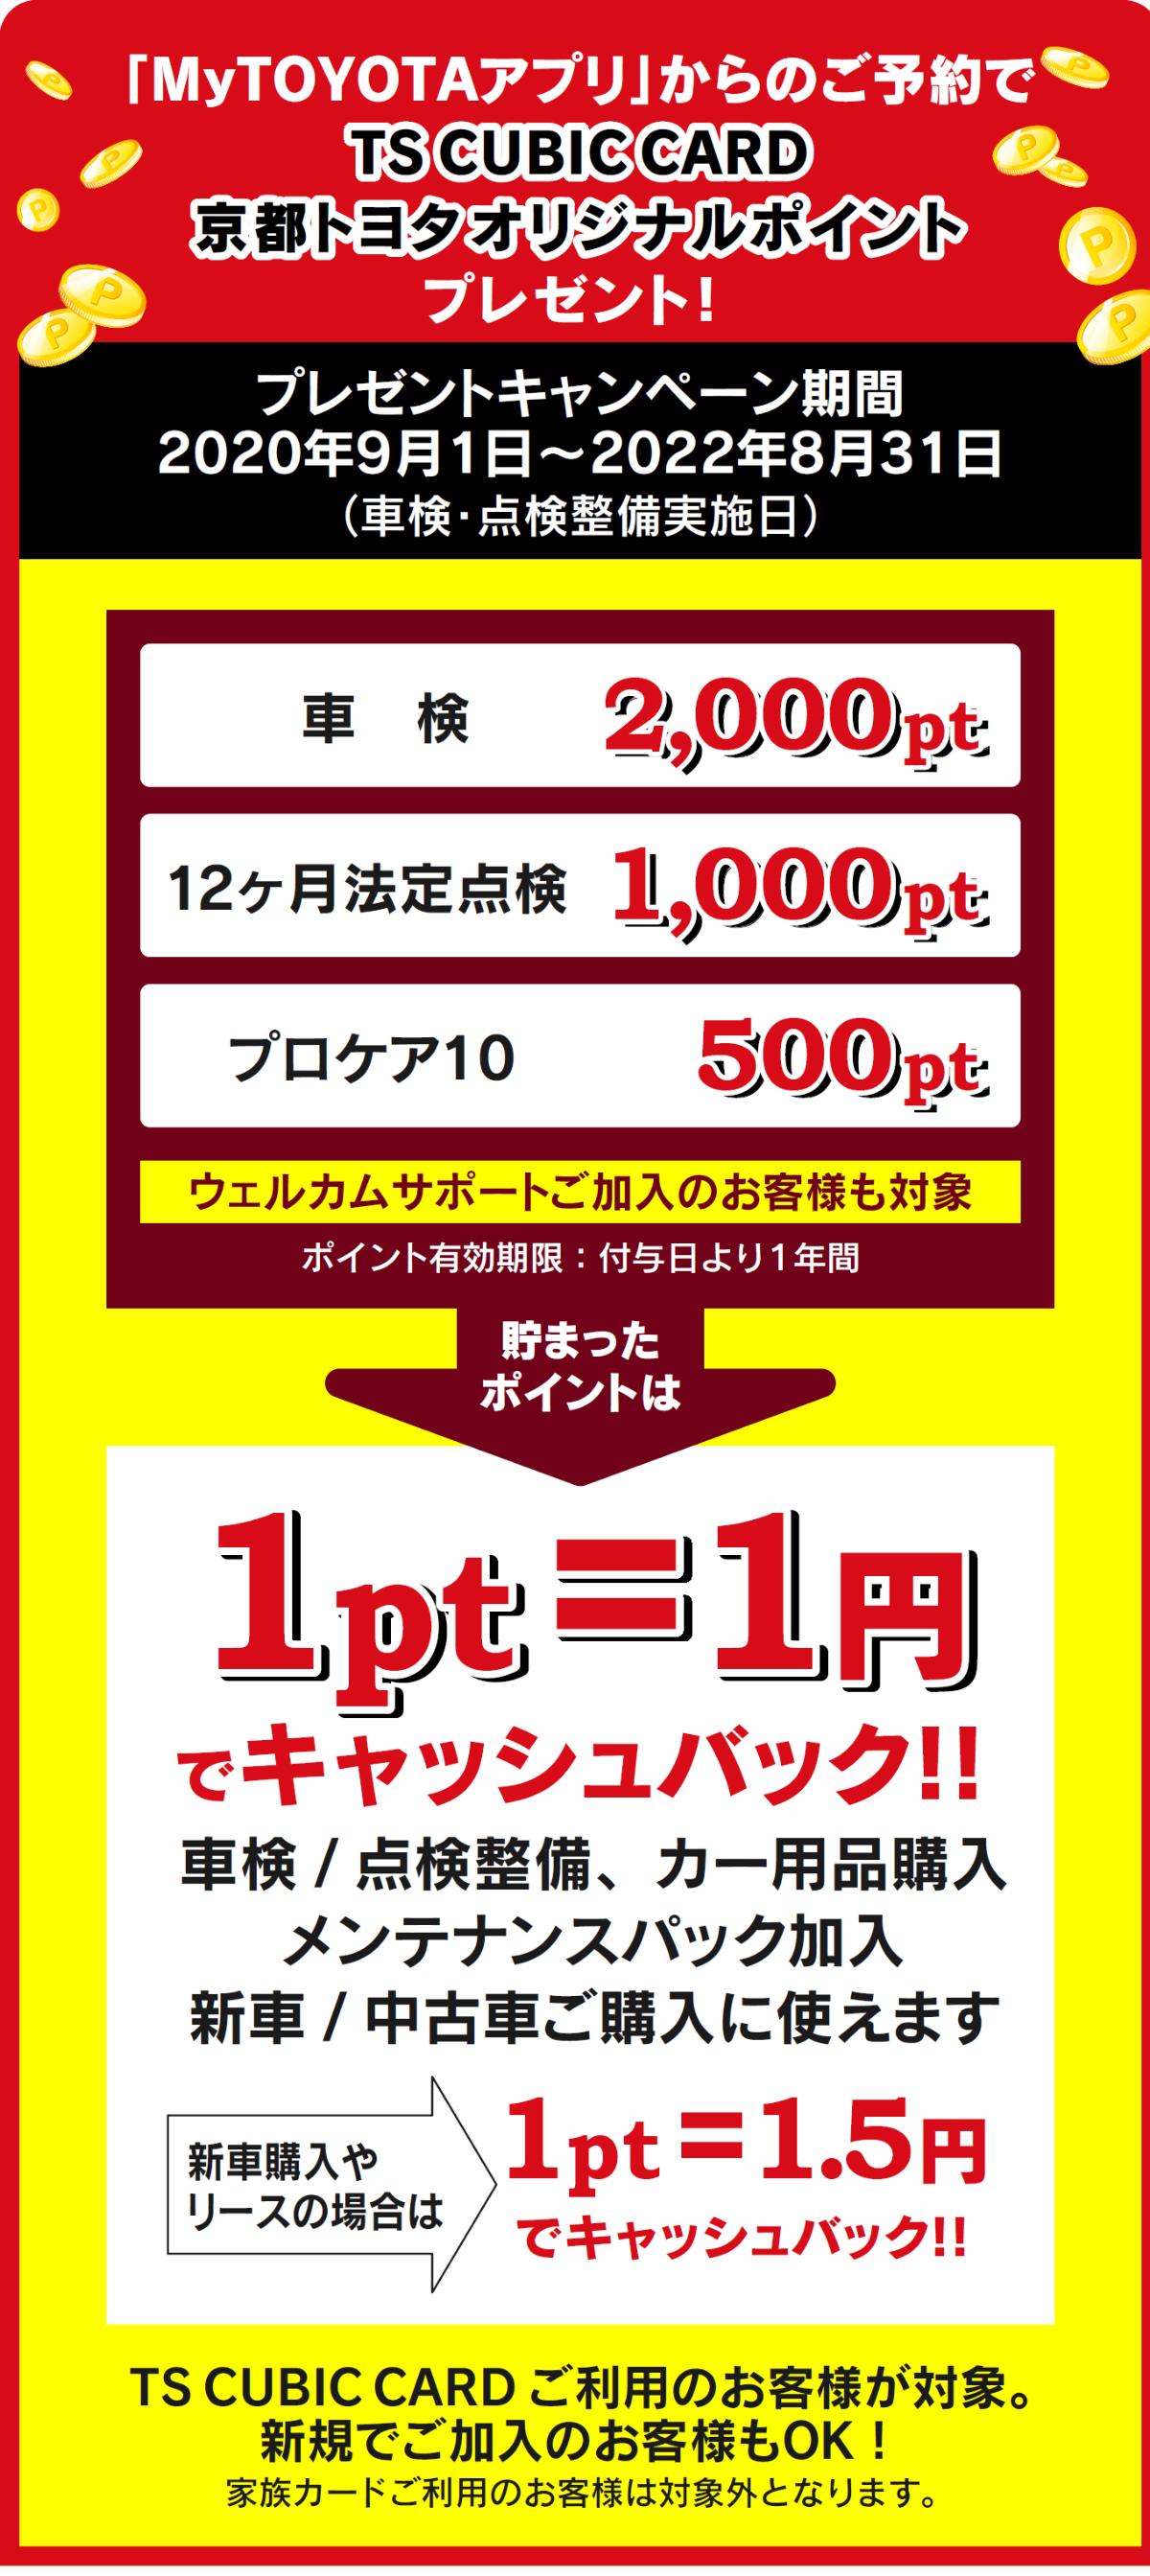 ポイント トヨタ カード